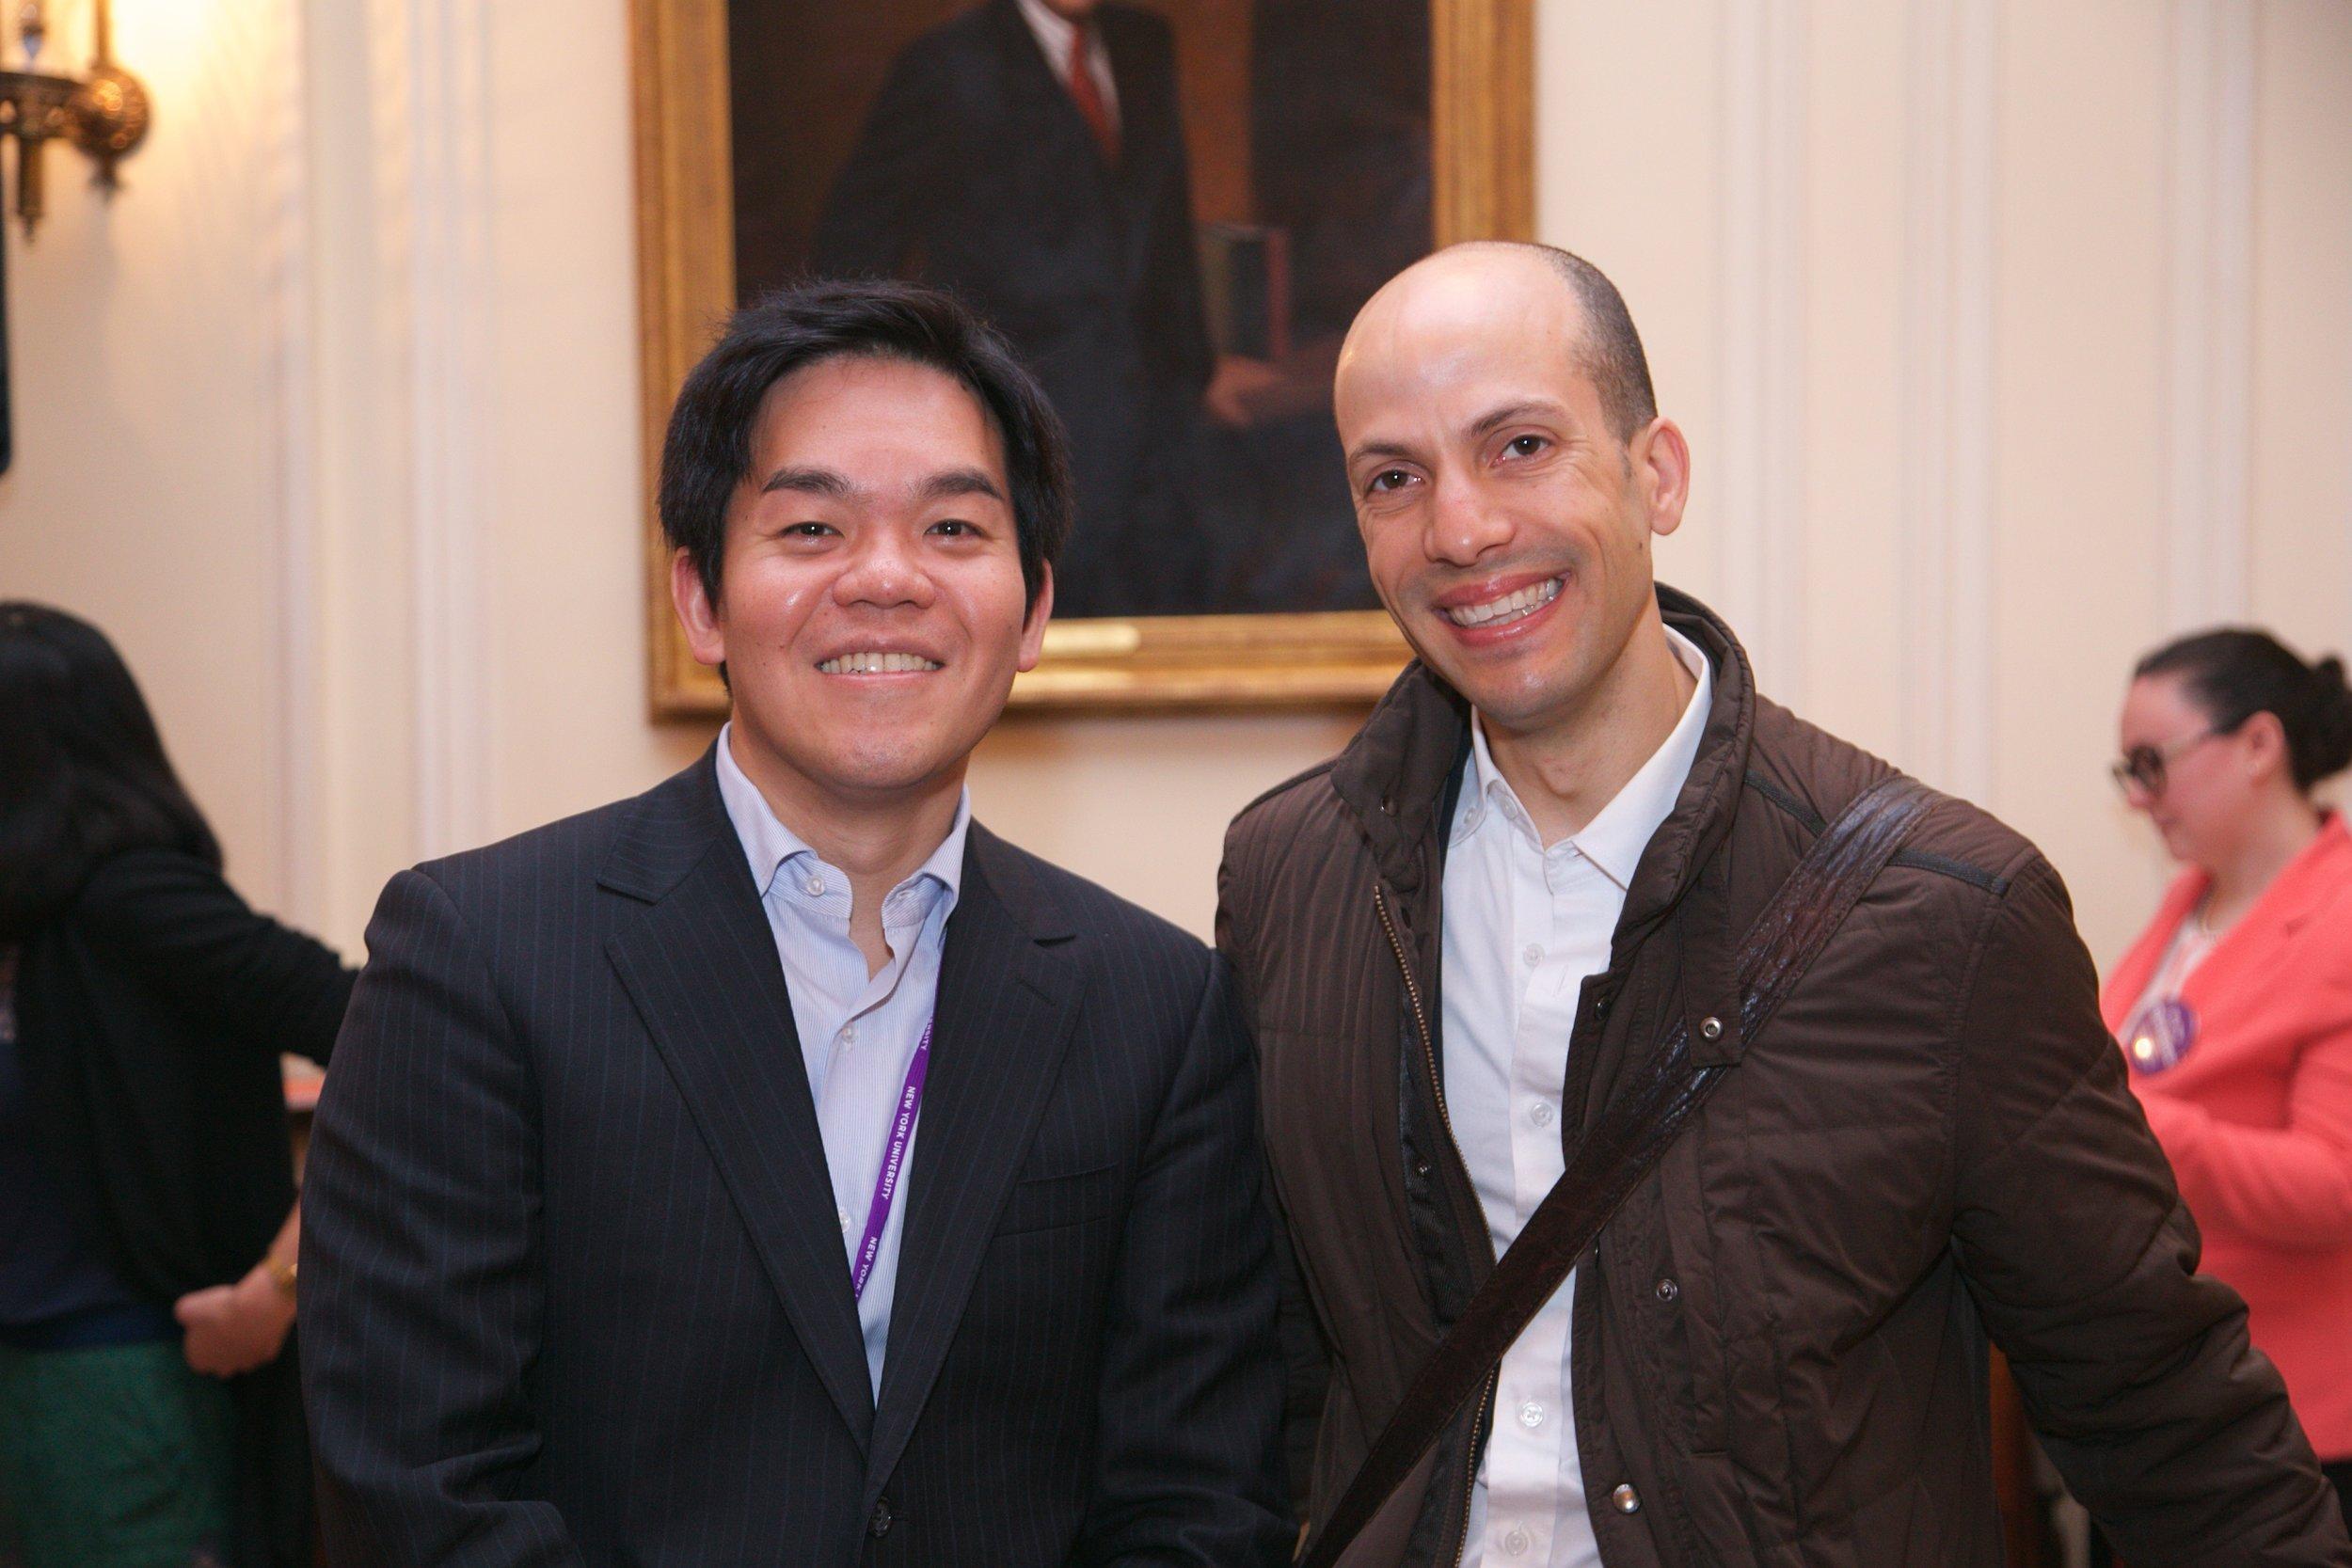 USALI Senior Fellow Ren Ito & Affiliated Researcher Aaron Halegua